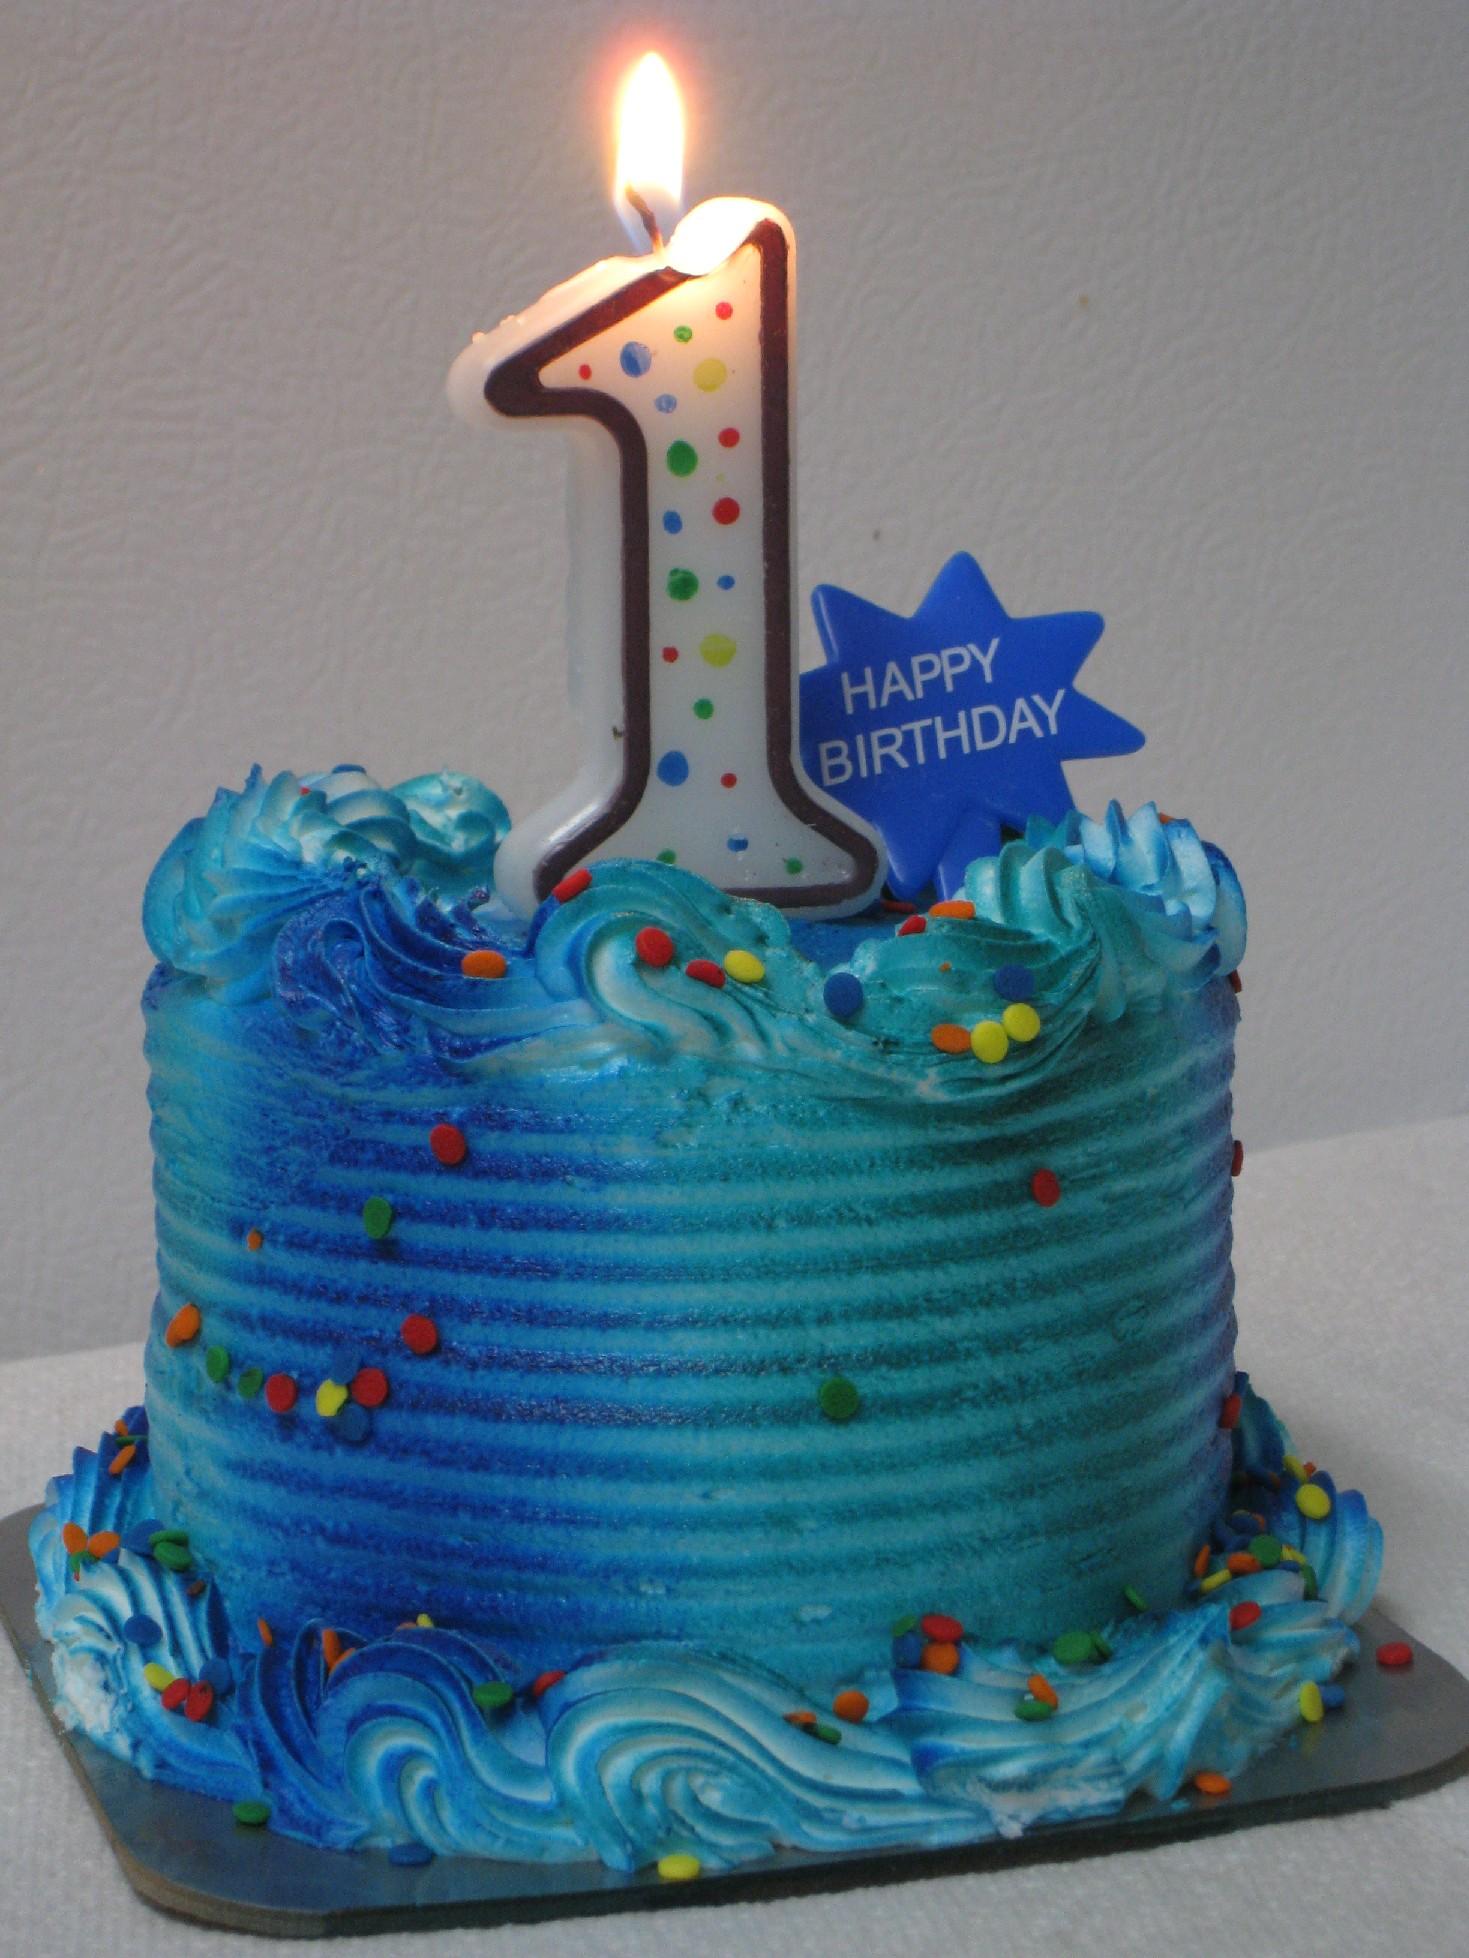 grattis på 1 årsdagen dikt Grattis bloggen 1 år! | bortabrabloggen grattis på 1 årsdagen dikt